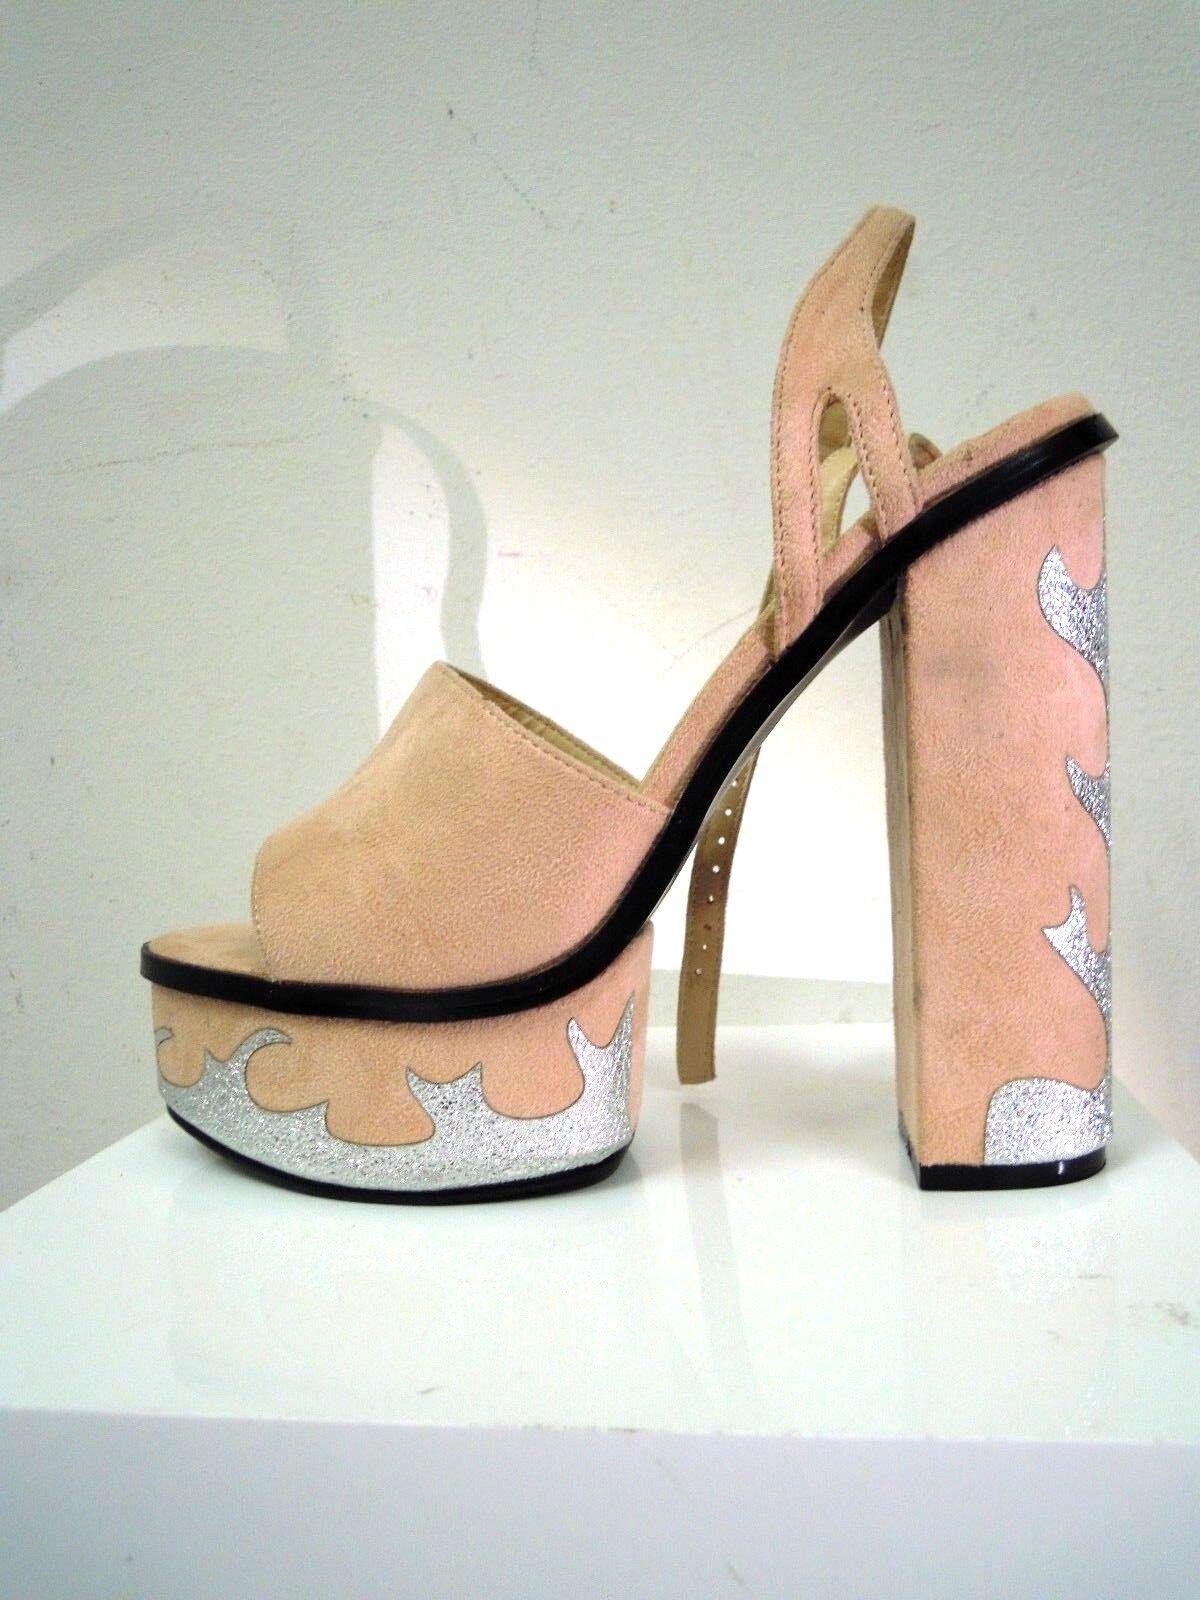 Schrille Sandaleette 70er Style Hippie Boho MottopartyPlateau Pumps 40,5 Glitzer